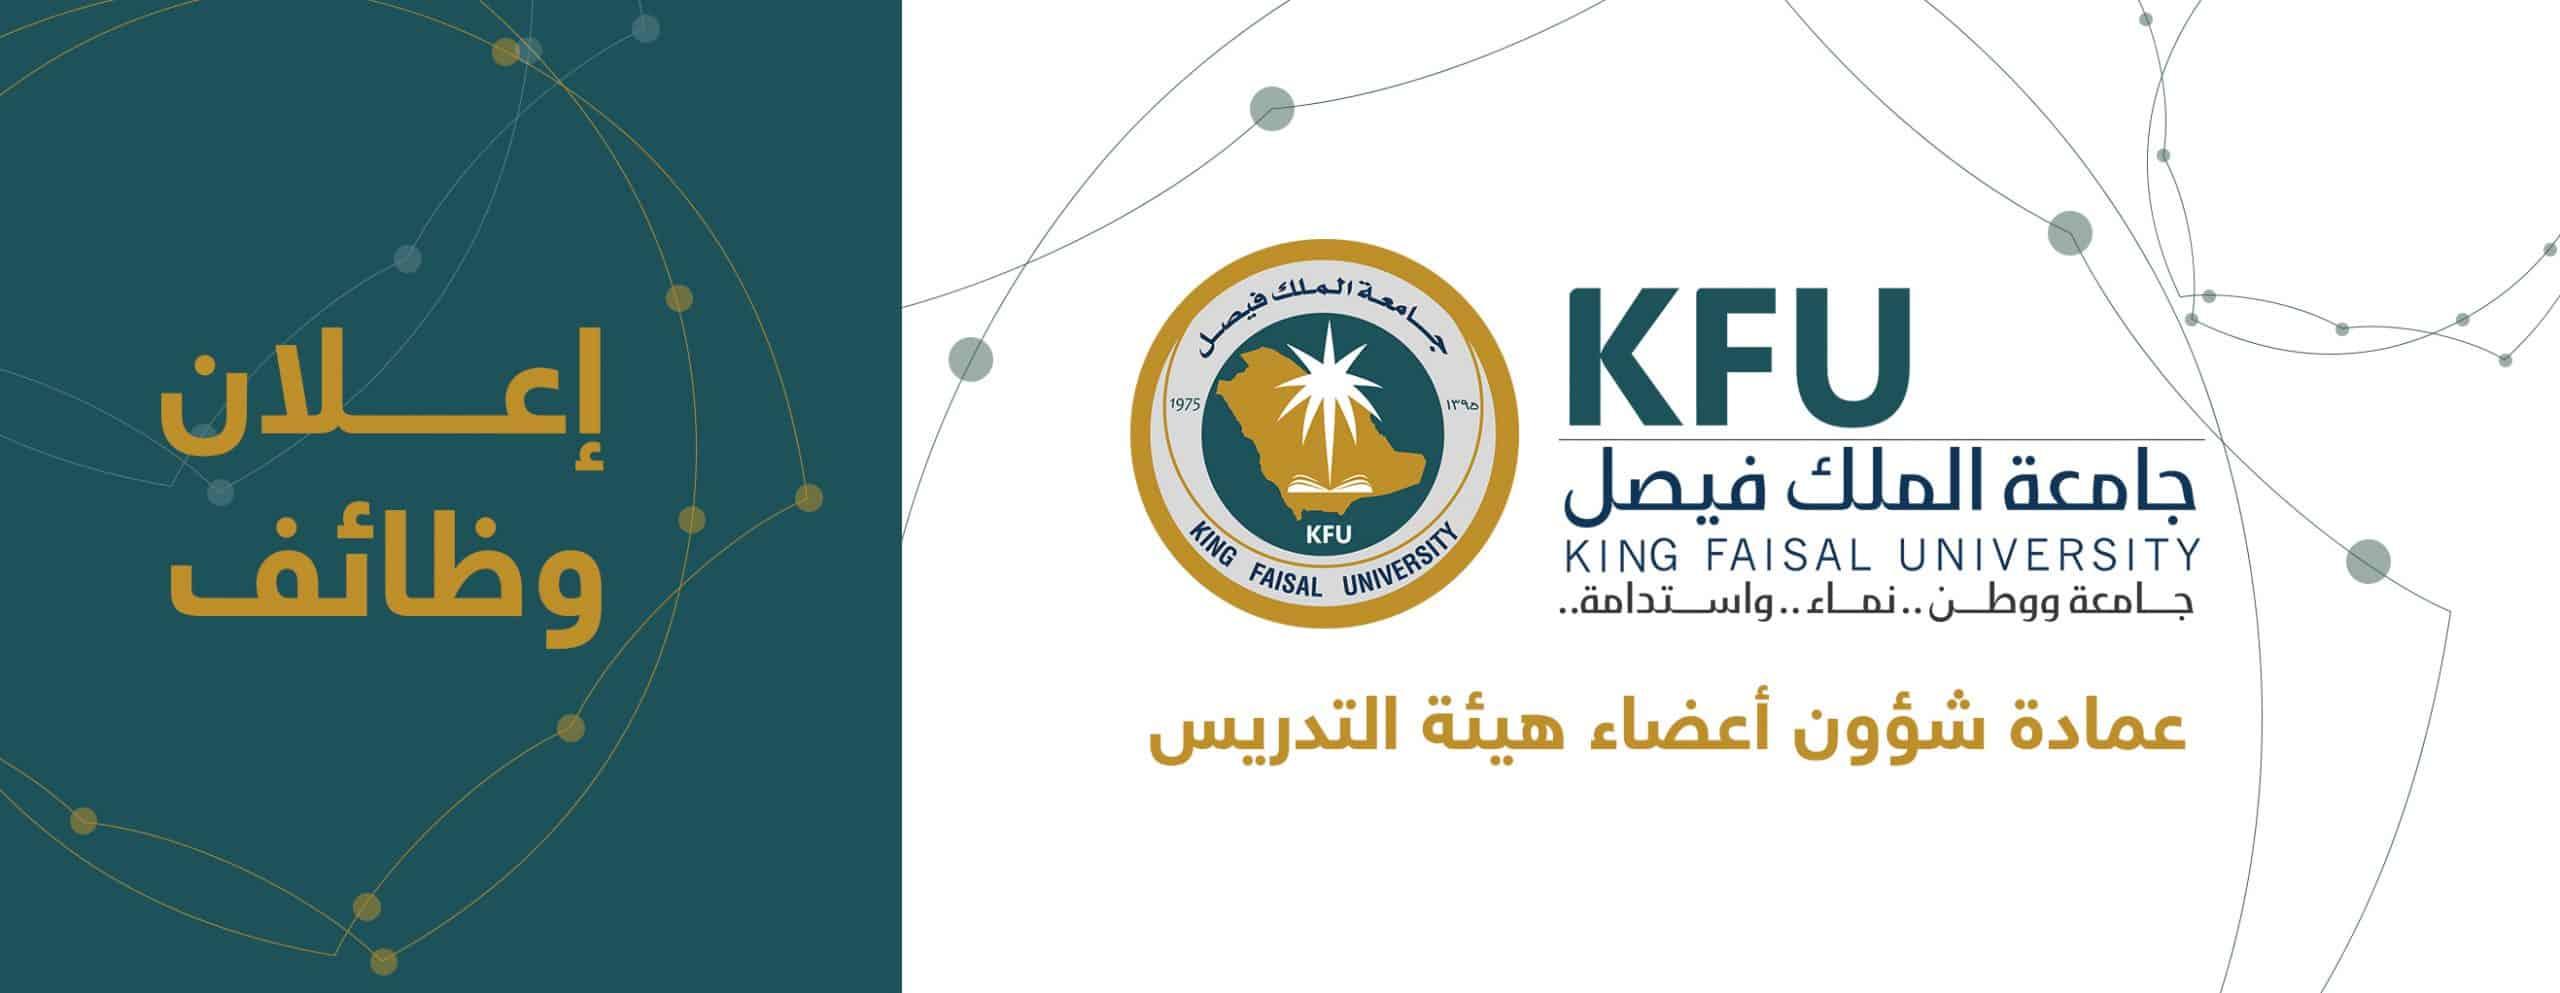 وظائف جامعة الملك فيصل بنظام العقود السعودية 1442